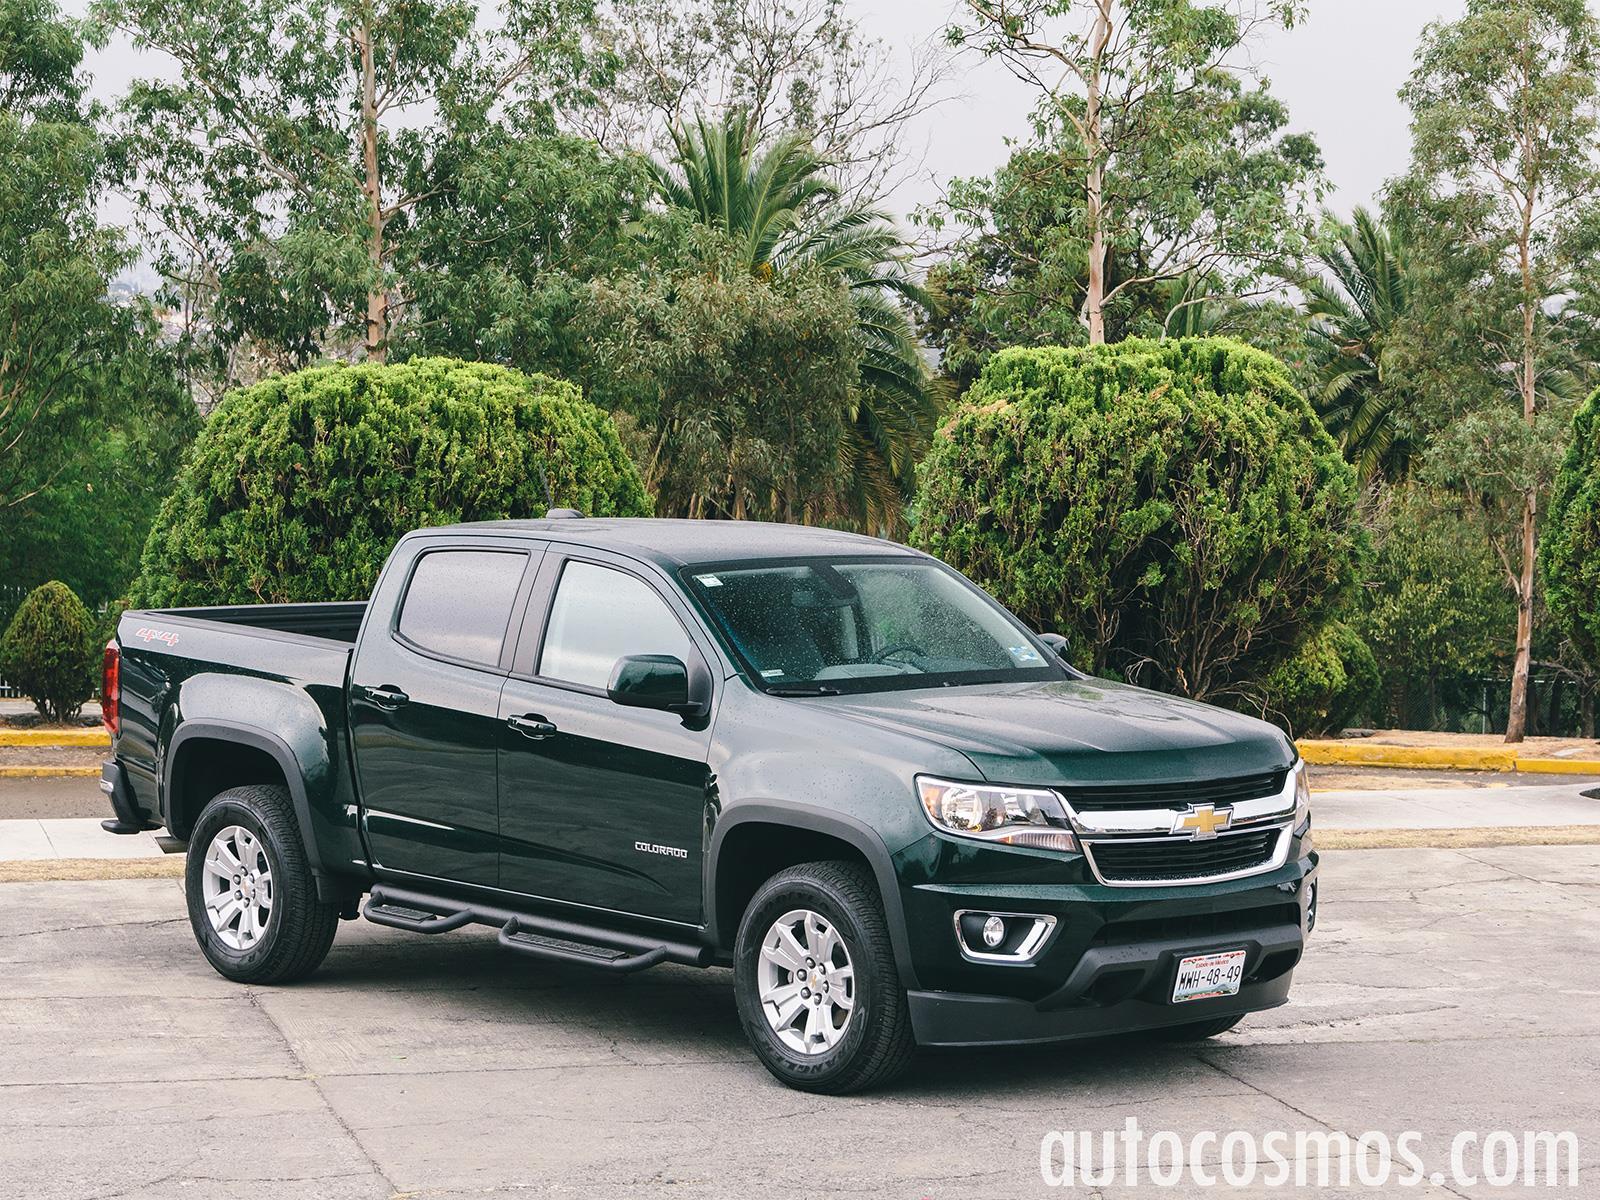 Chevrolet Colorado 2016 a prueba - Autocosmos.com